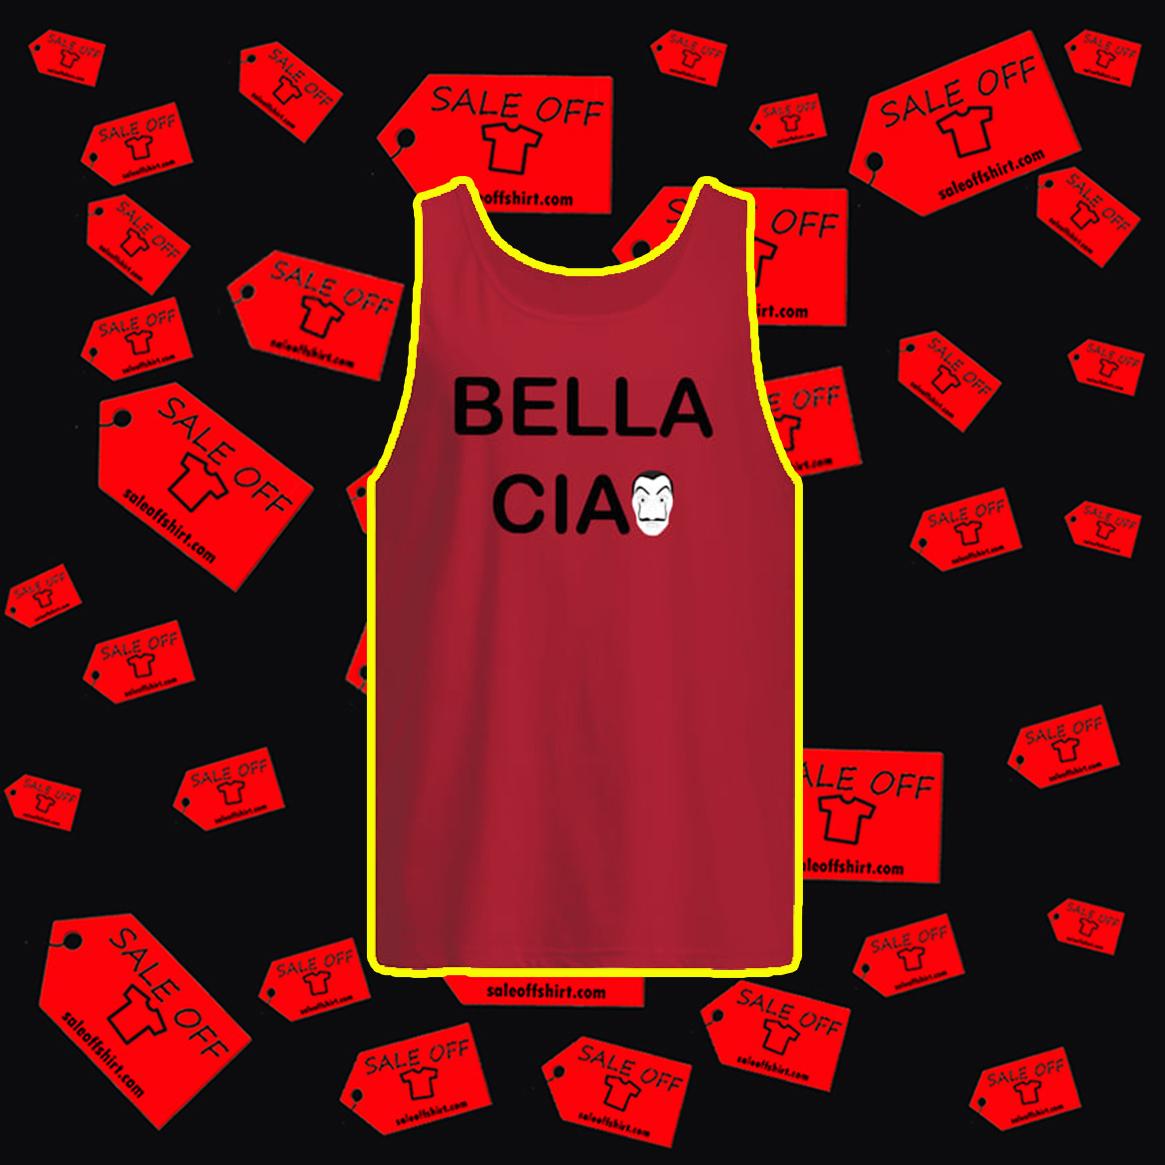 Bella Ciao tank top